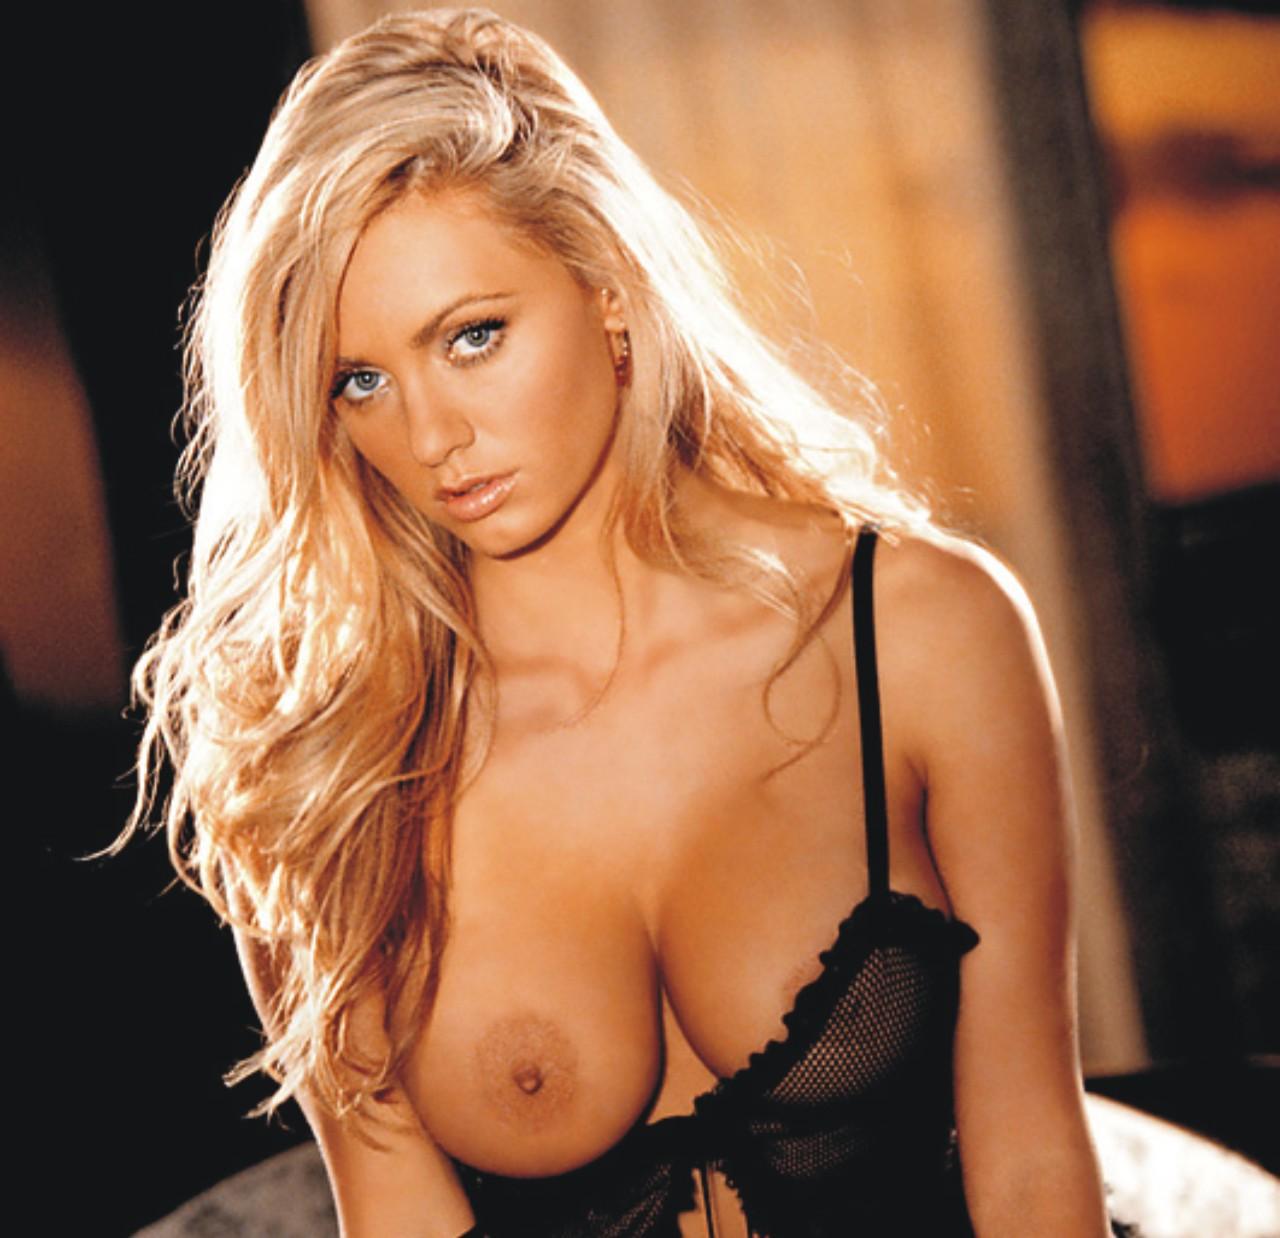 hensley Cassandra nude lynn